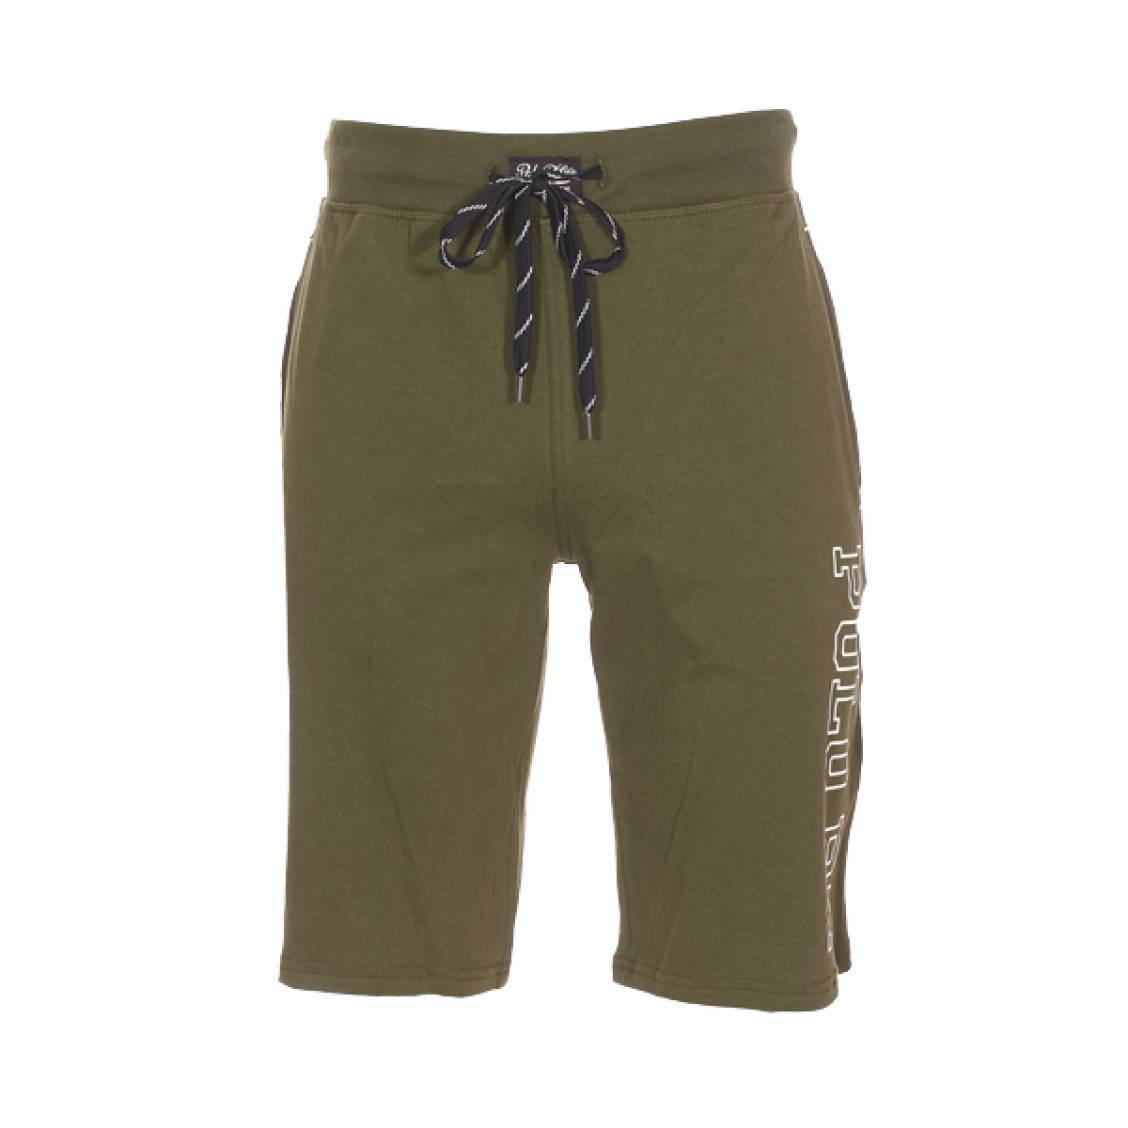 87135f17f3c Short de pyjama Polo Ralph Lauren en coton vert olive floqué ...